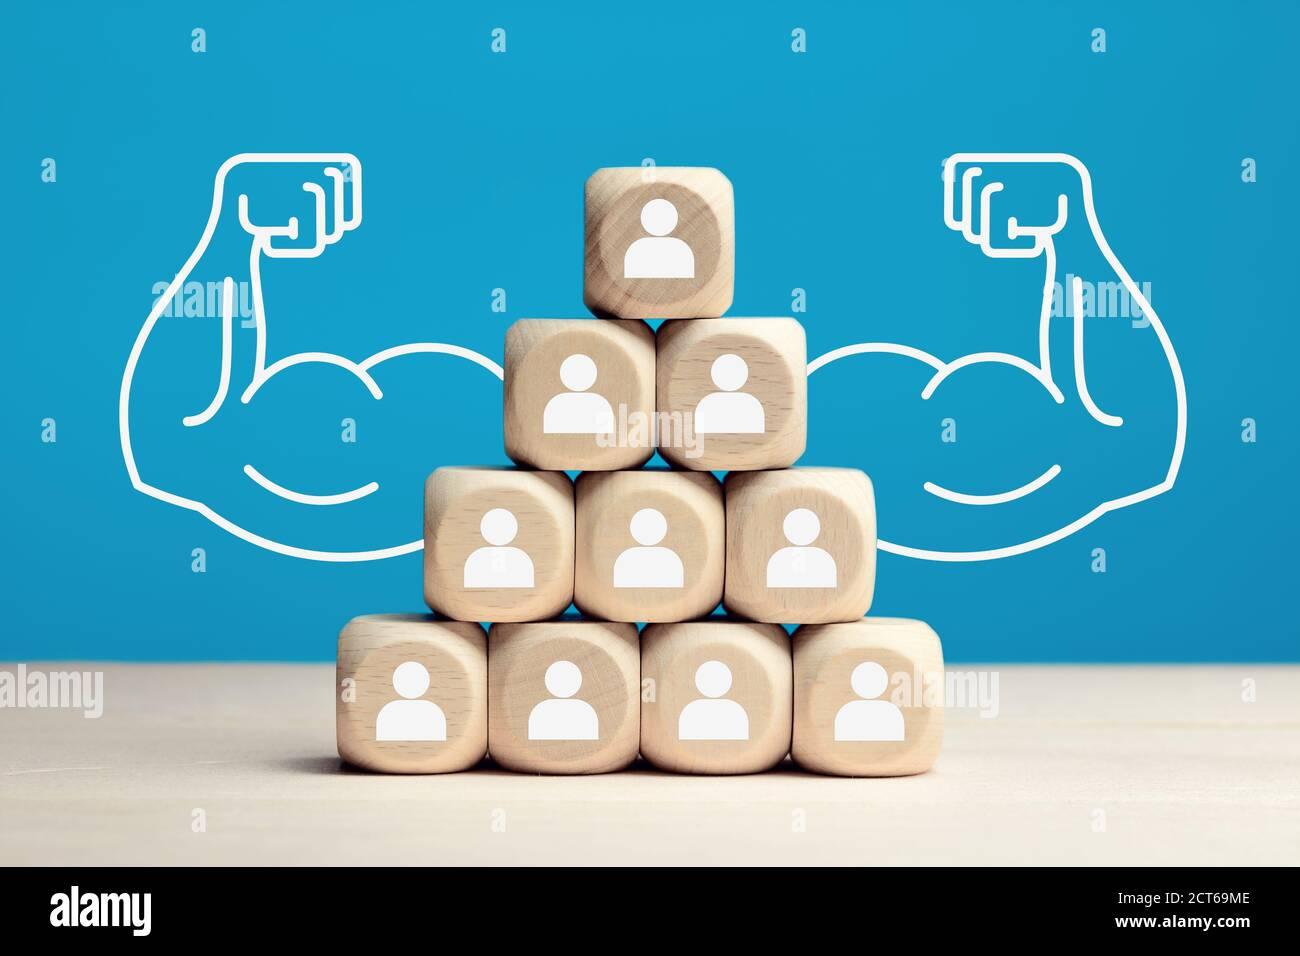 Bloques de madera apilados como pirámide de jerarquía con iconos de personas. Poder de trabajo en equipo, solidaridad o cooperación en concepto empresarial. Foto de stock